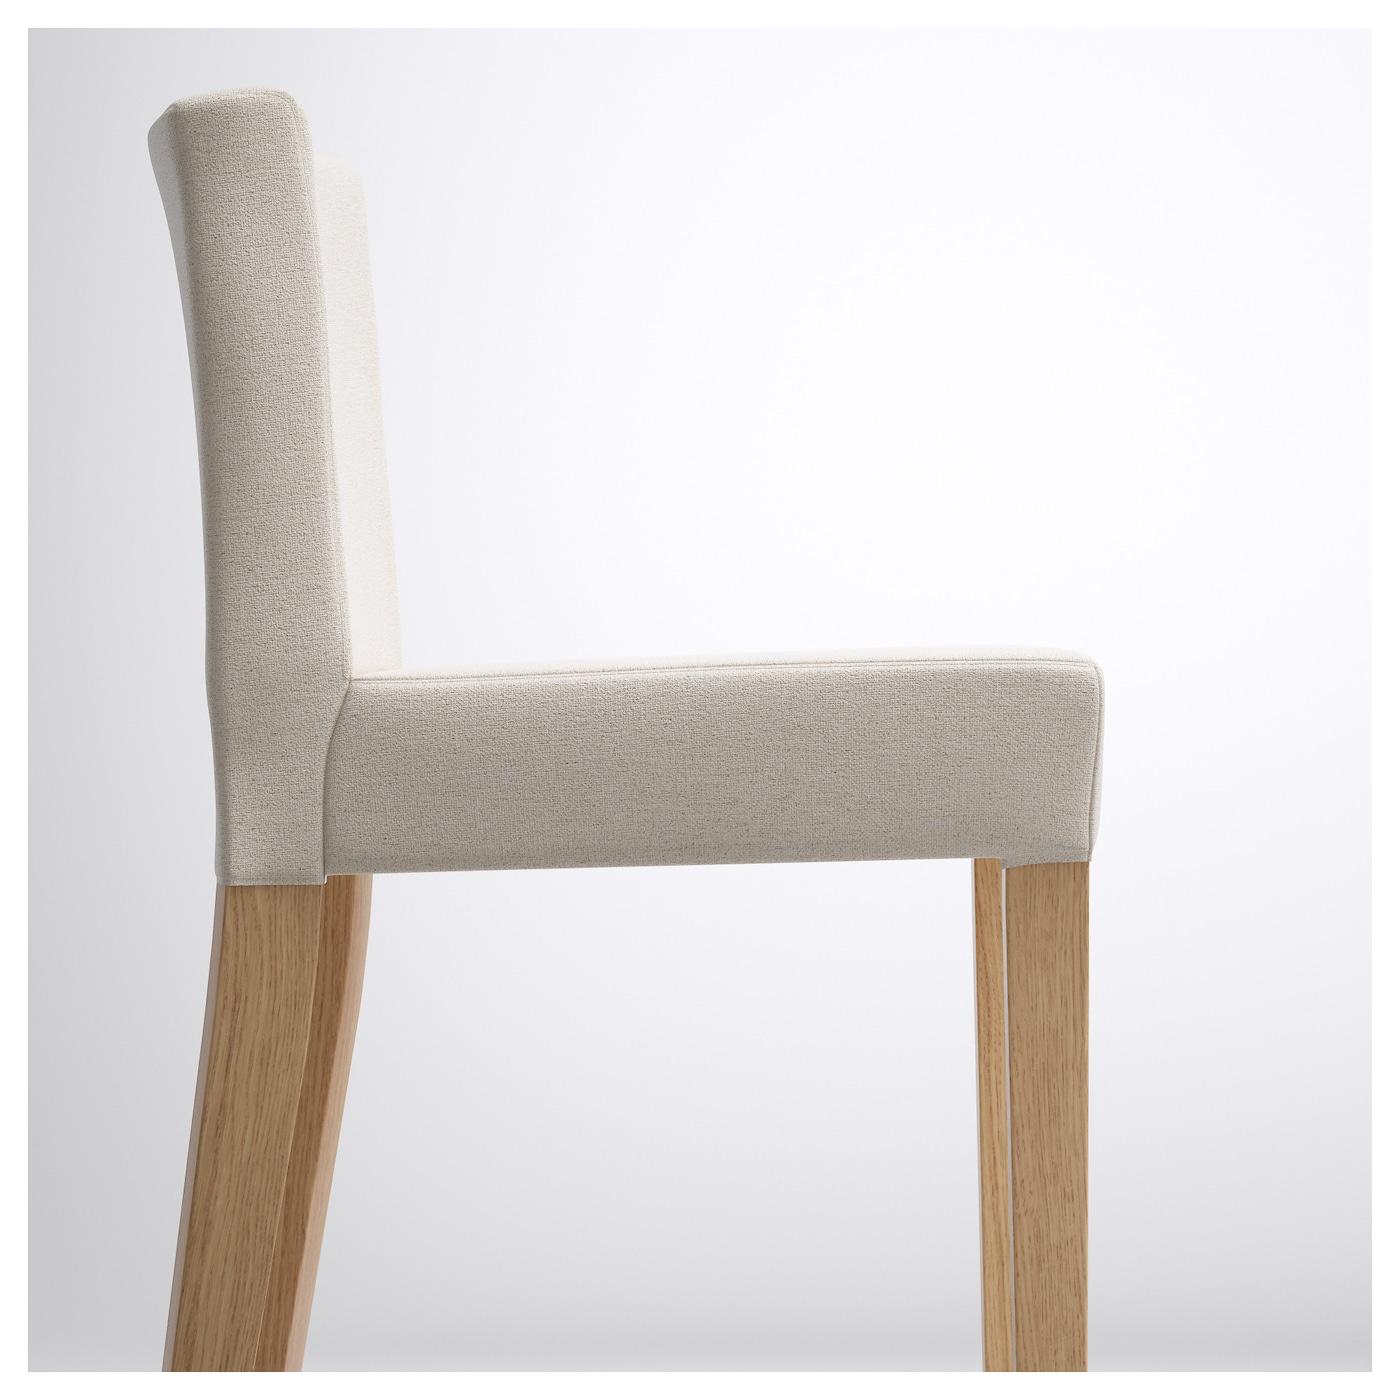 henriksdal bar stool with backrest oak linneryd natural 63 cm ikea. Black Bedroom Furniture Sets. Home Design Ideas